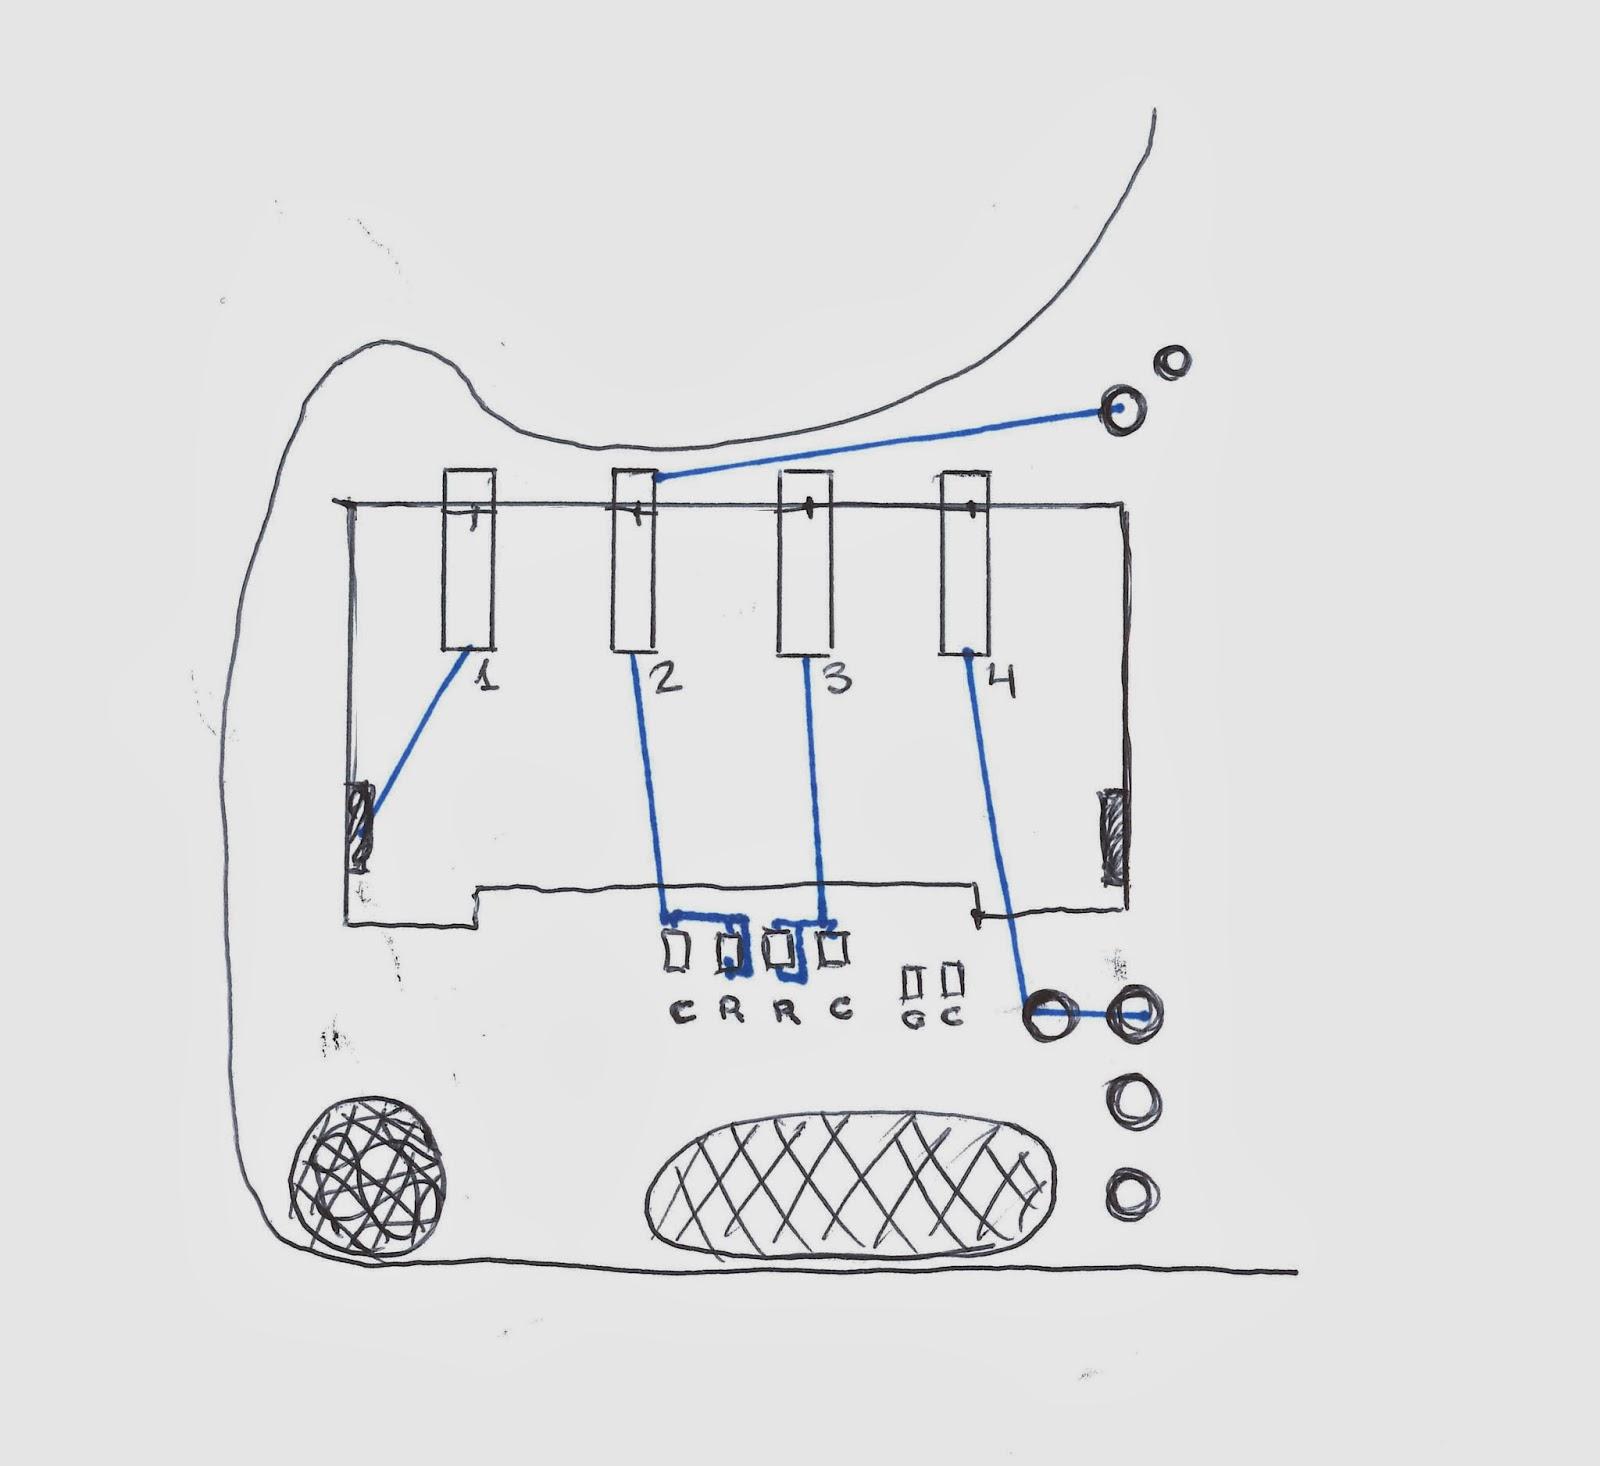 Soluciones técnicas: Esquema conector batería iPhone 4s